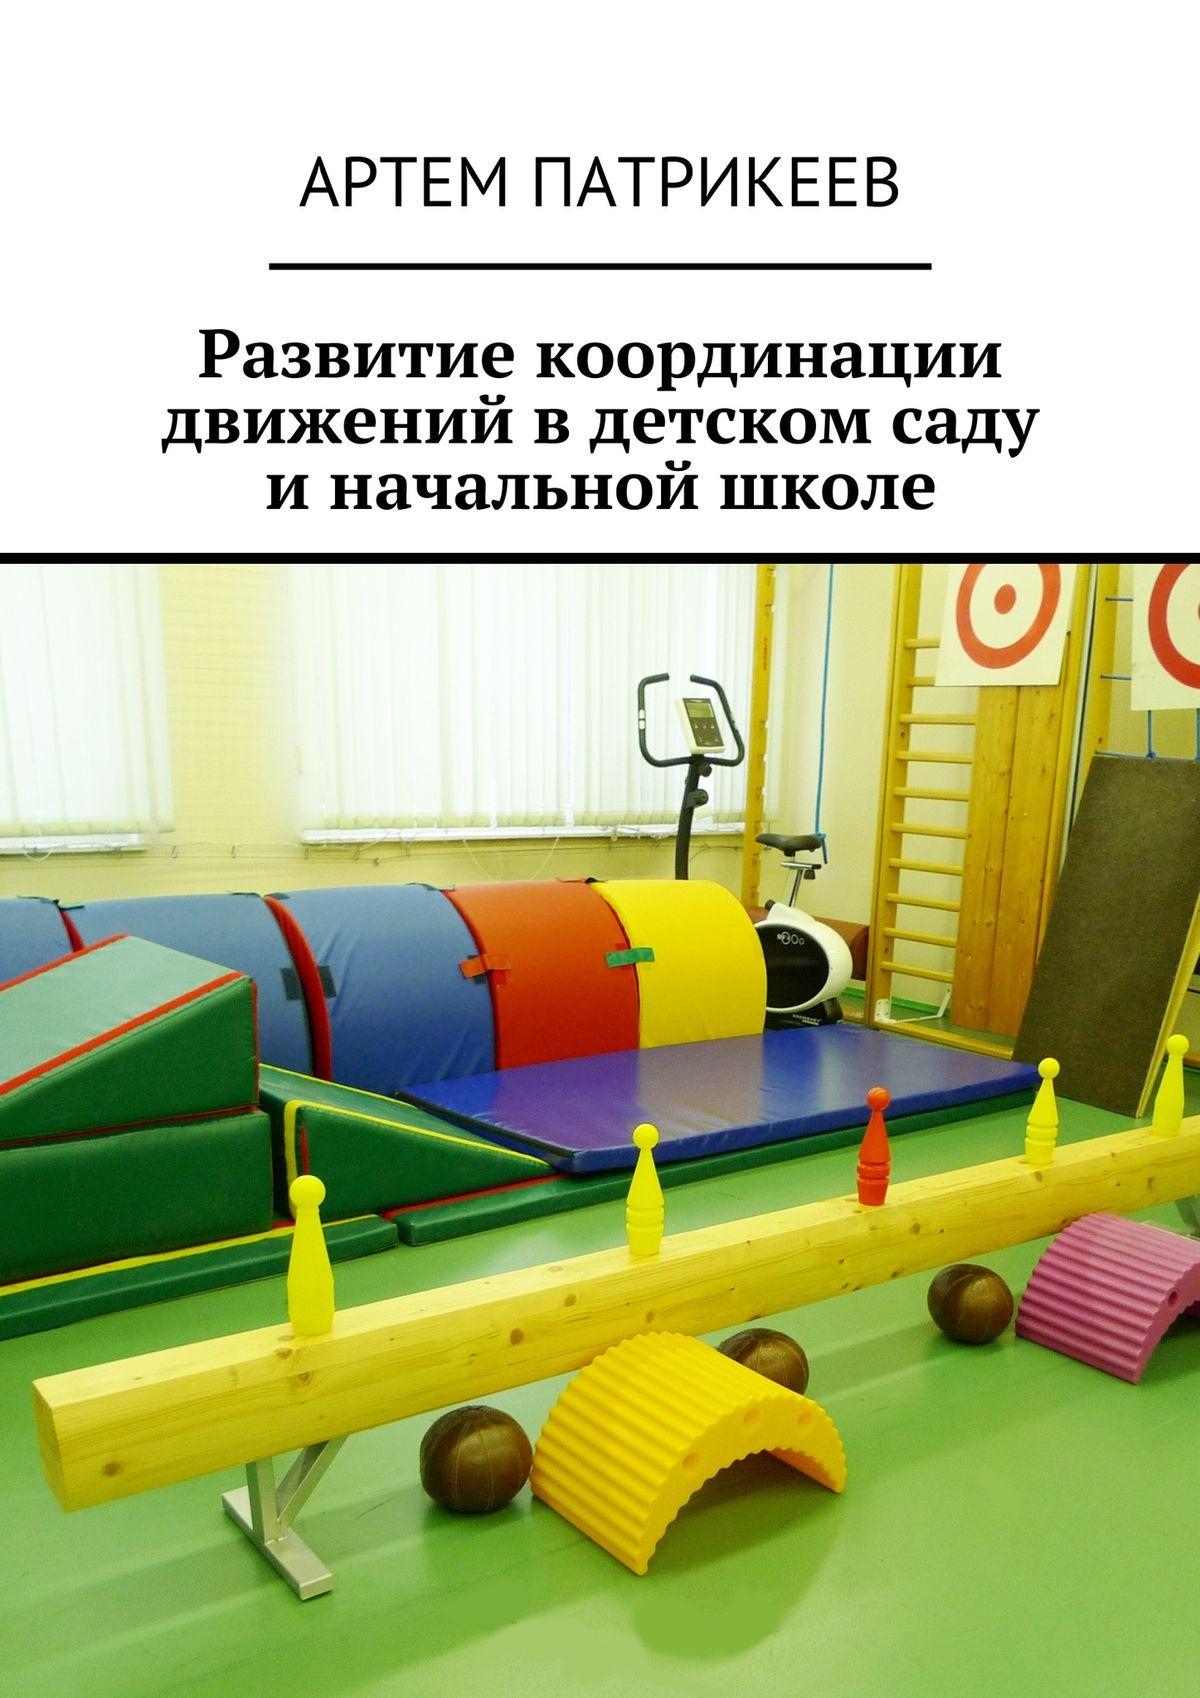 Развитие координации движений вдетском саду иначальной школе